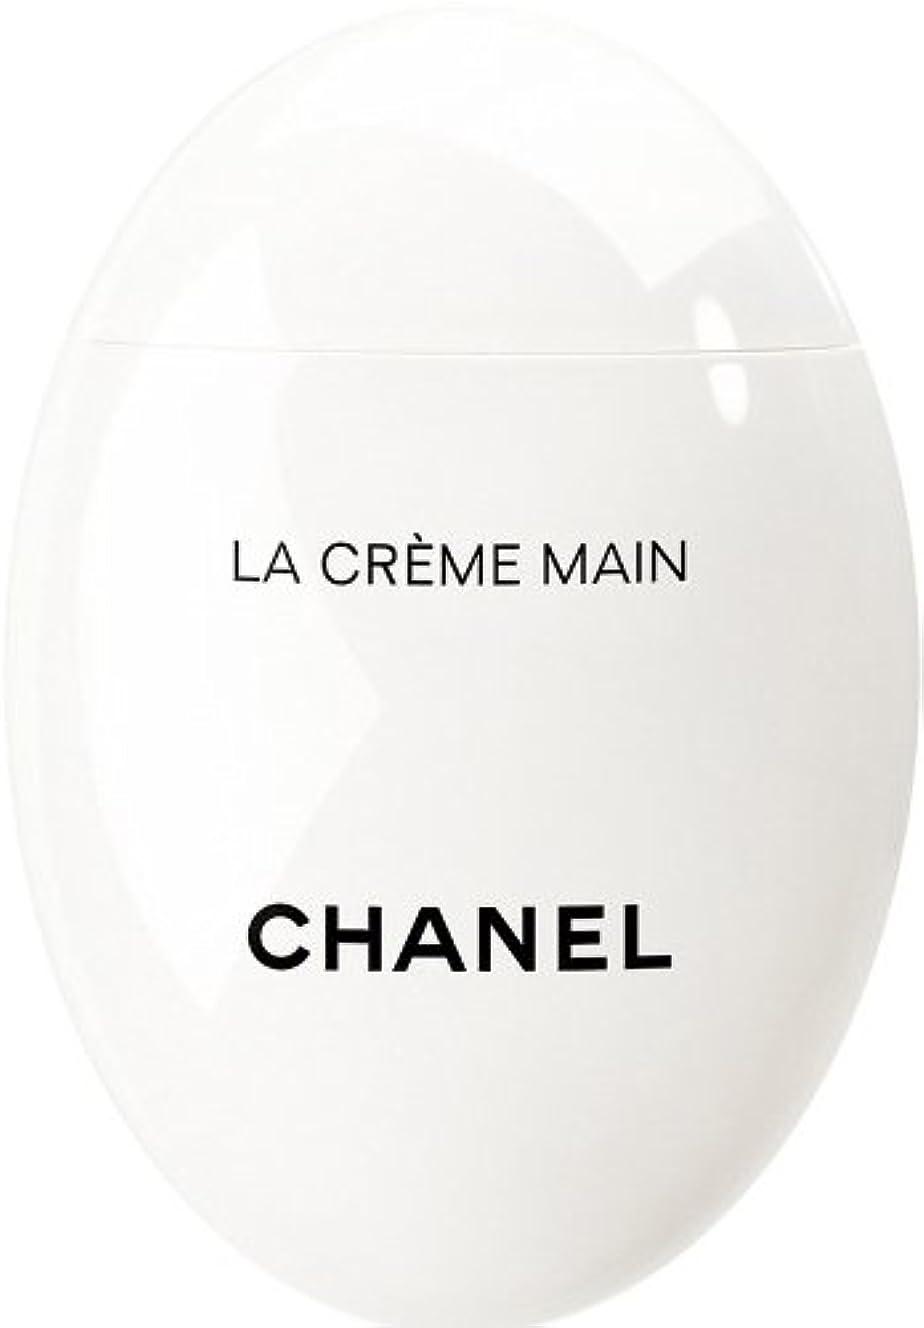 期限北西自動CHANEL LA CRÈME MAIN シャネル ラ クレーム マン ハンドクリーム 50ml